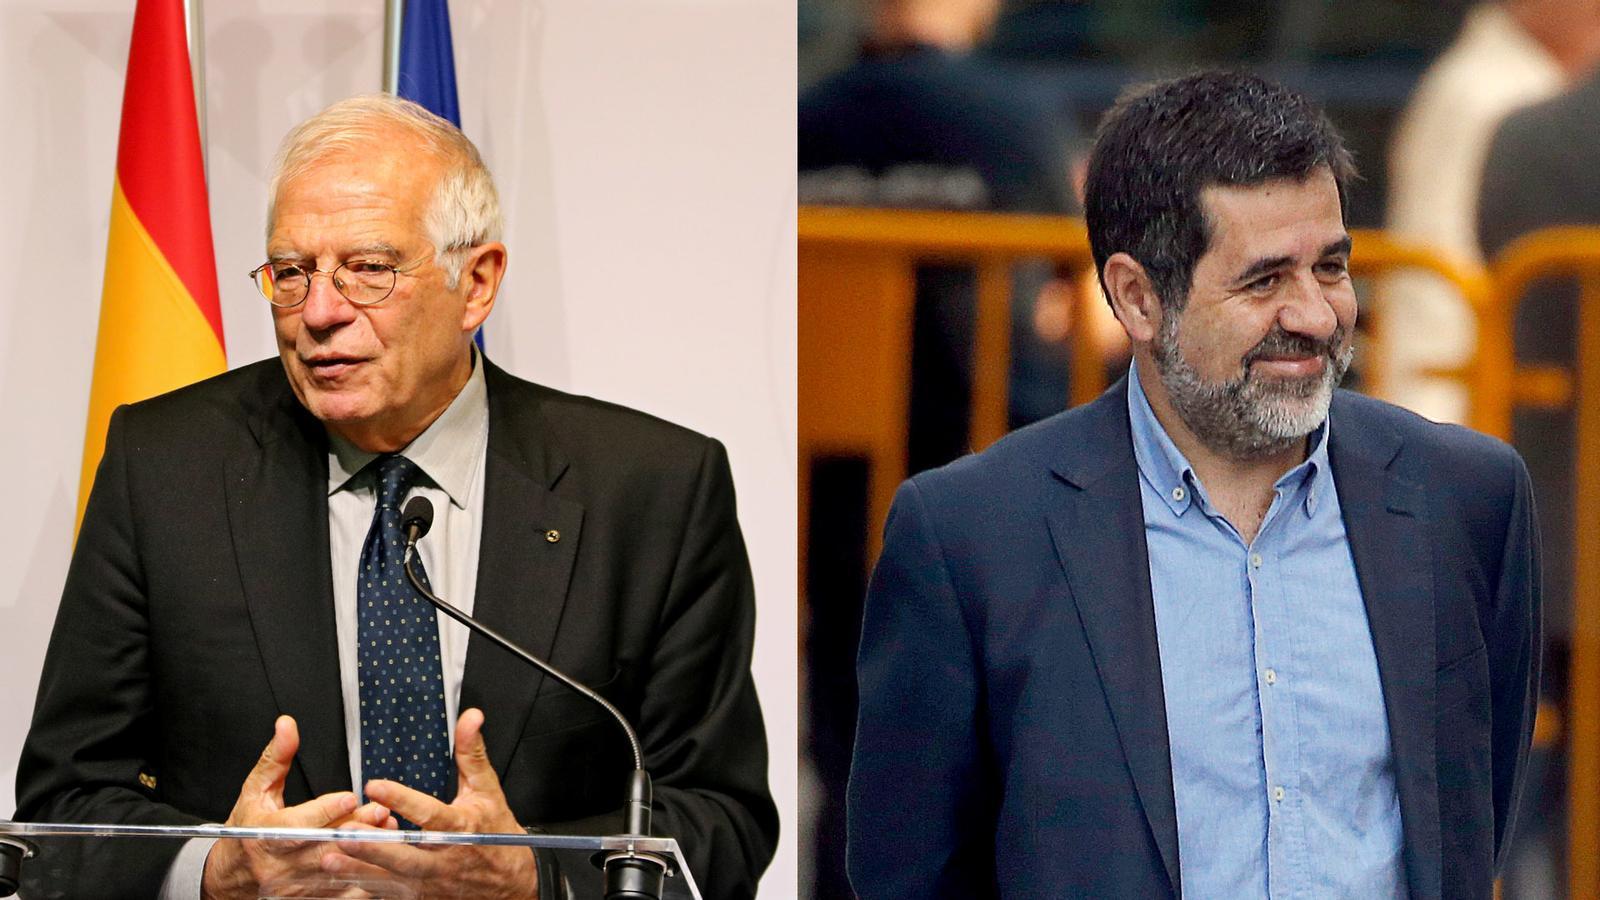 L'anàlisi d'Antoni Bassas: 'Jordi Sànchez a Josep Borrell: «L'escàndol d'aquest judici els acabarà devorant»'